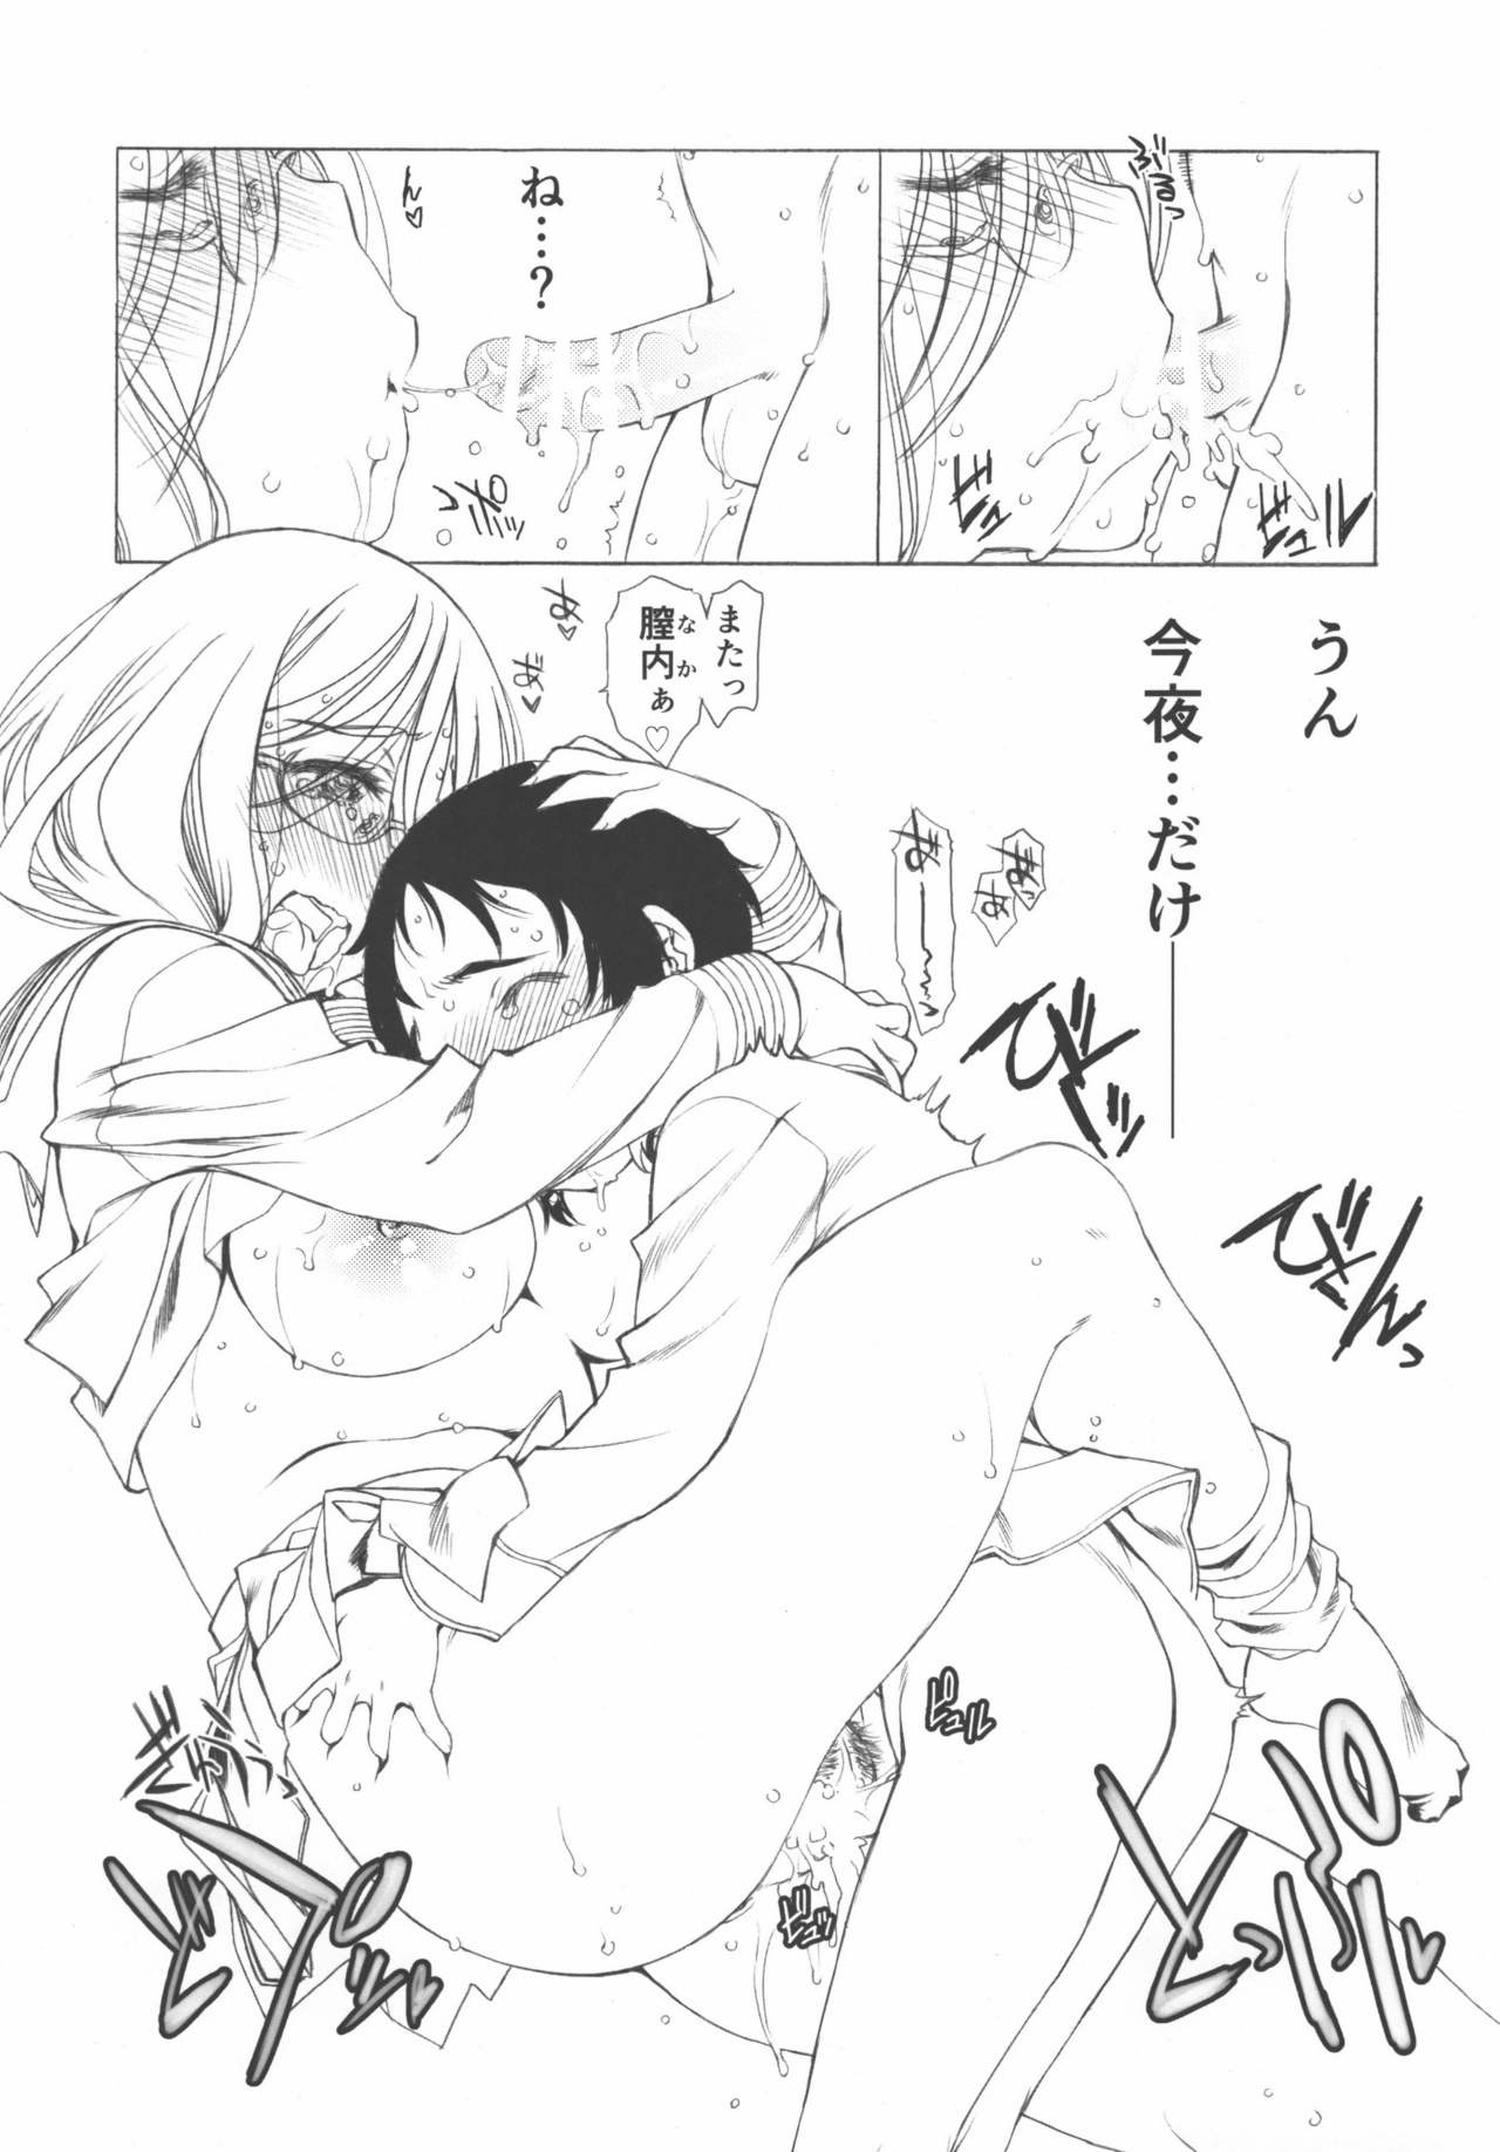 【エロ漫画・エロ同人誌】巨乳母が制服コスしてたらショタな息子が勃起しちゃったから近親相姦しますたwww (12)